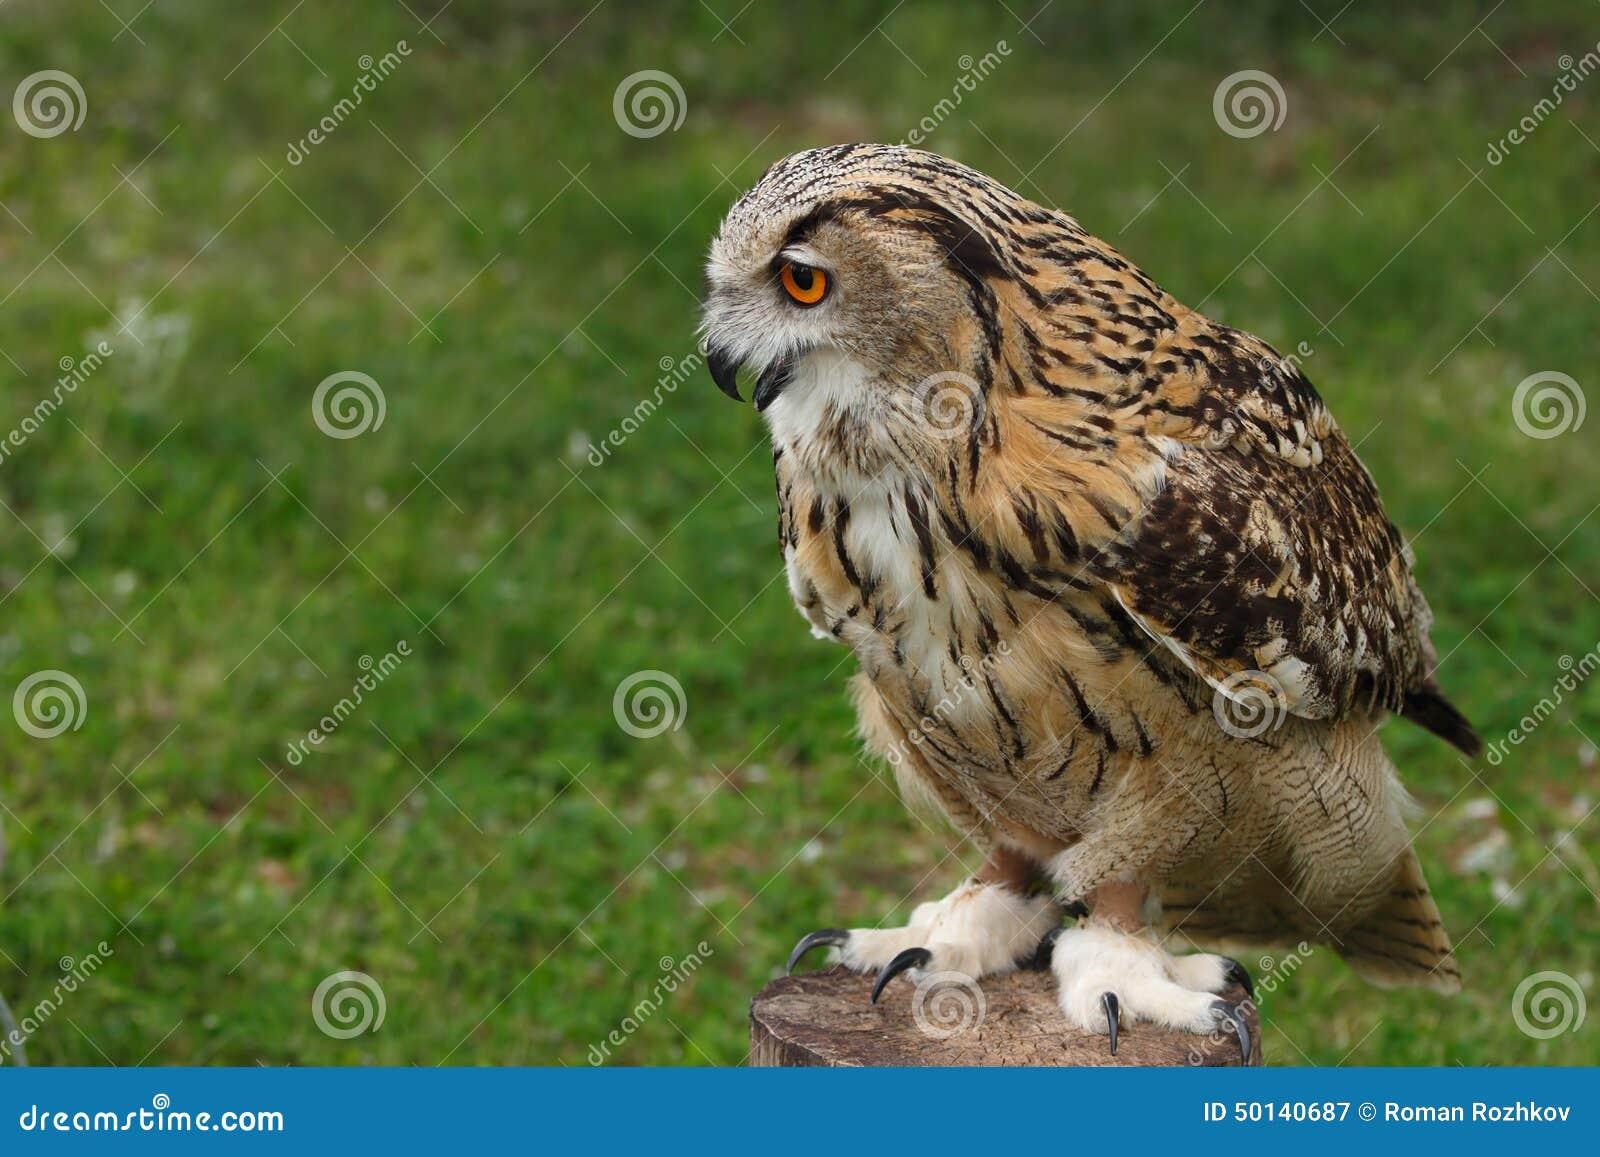 Eurasien Eagle Owl